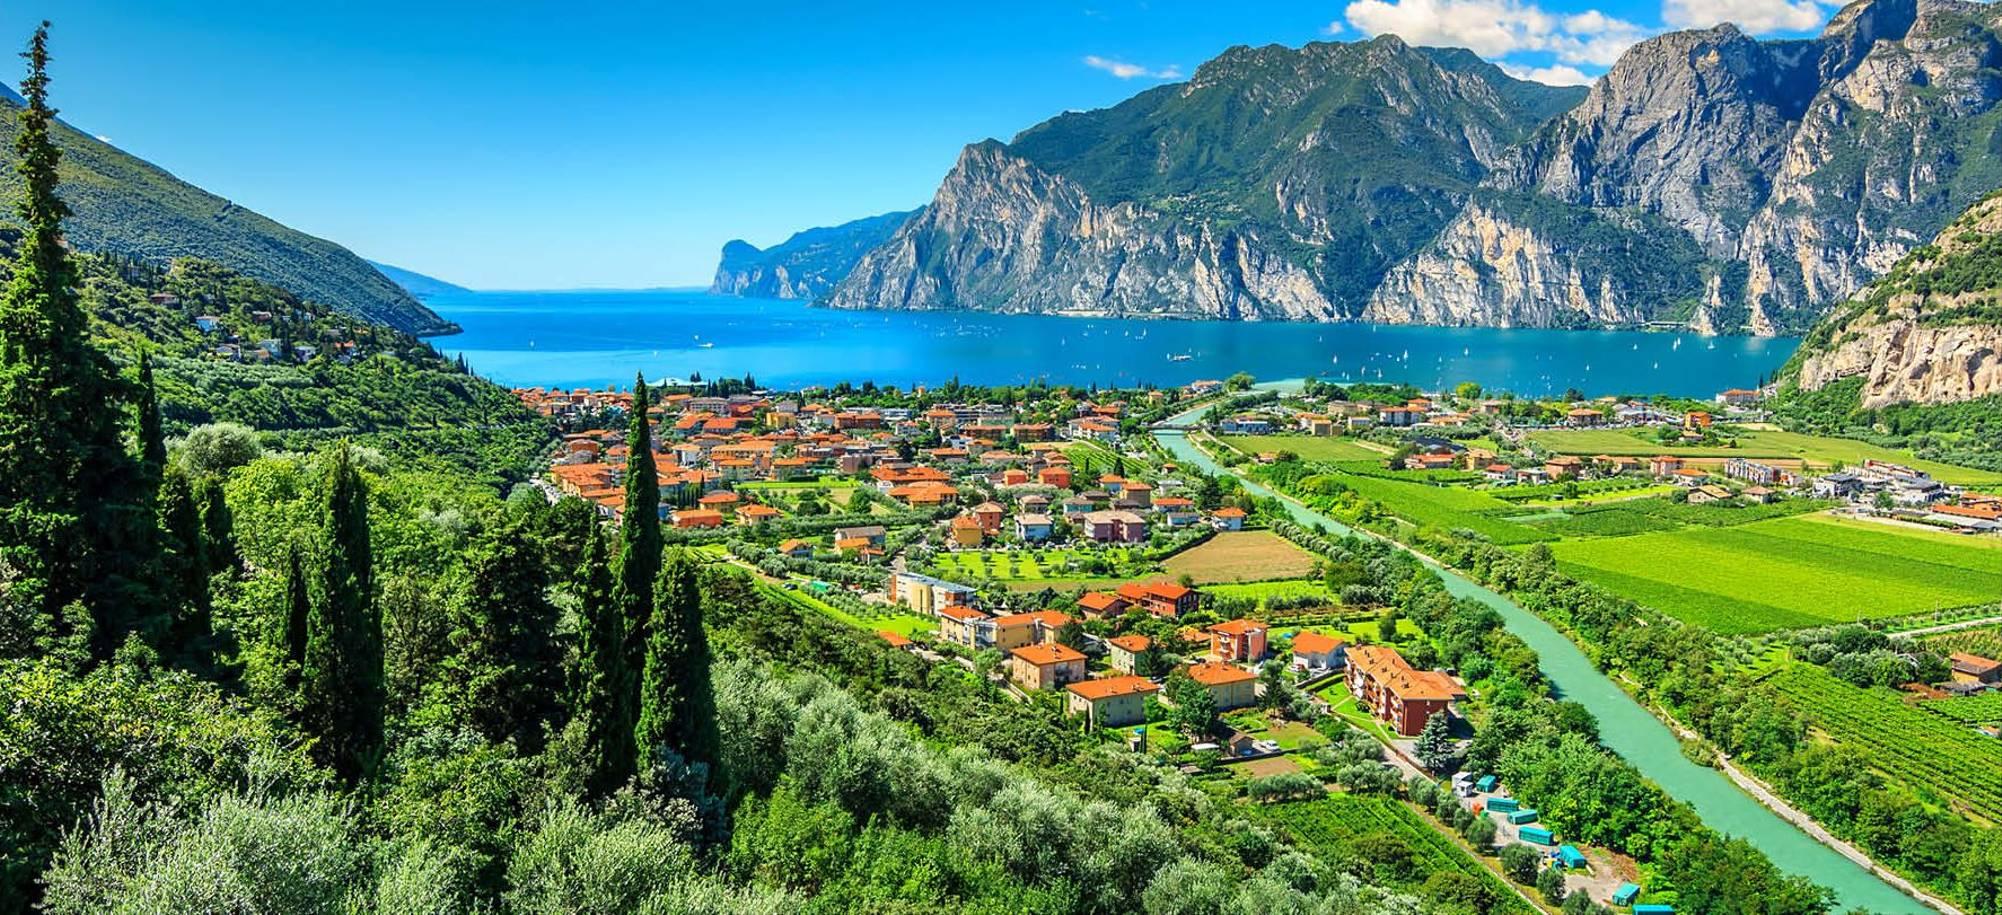 Itinerary Desktop - Day 8 (Lake Garda).jpg